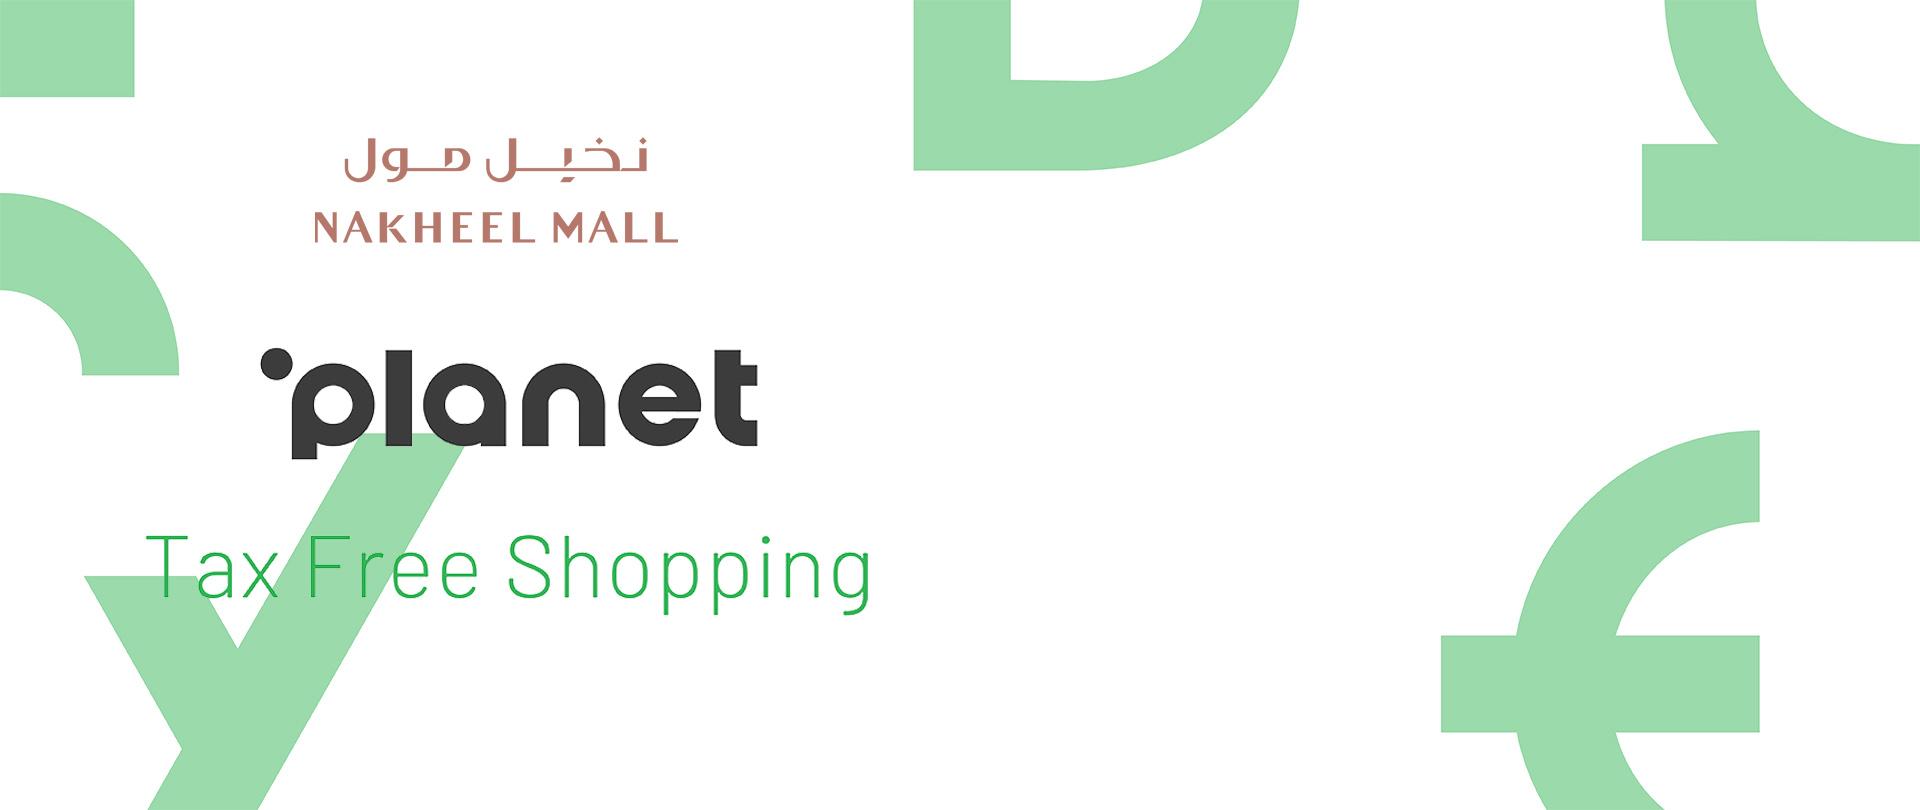 Tax-Free-Shopping-At-Nakheel-Mall